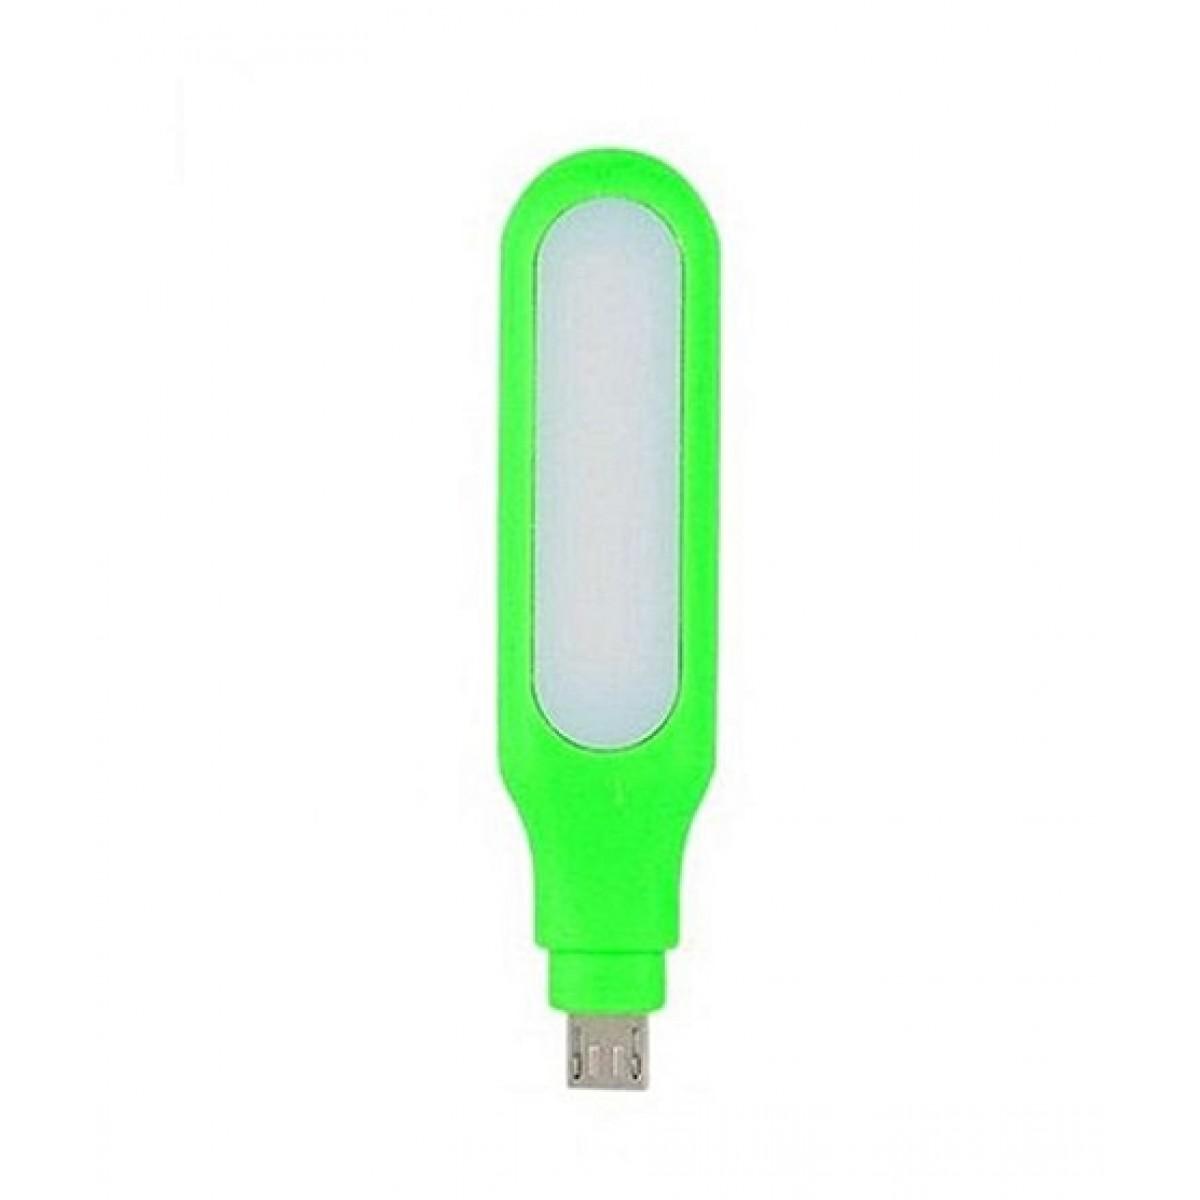 Rubian Selfie LED Light For Smart Phones - Green